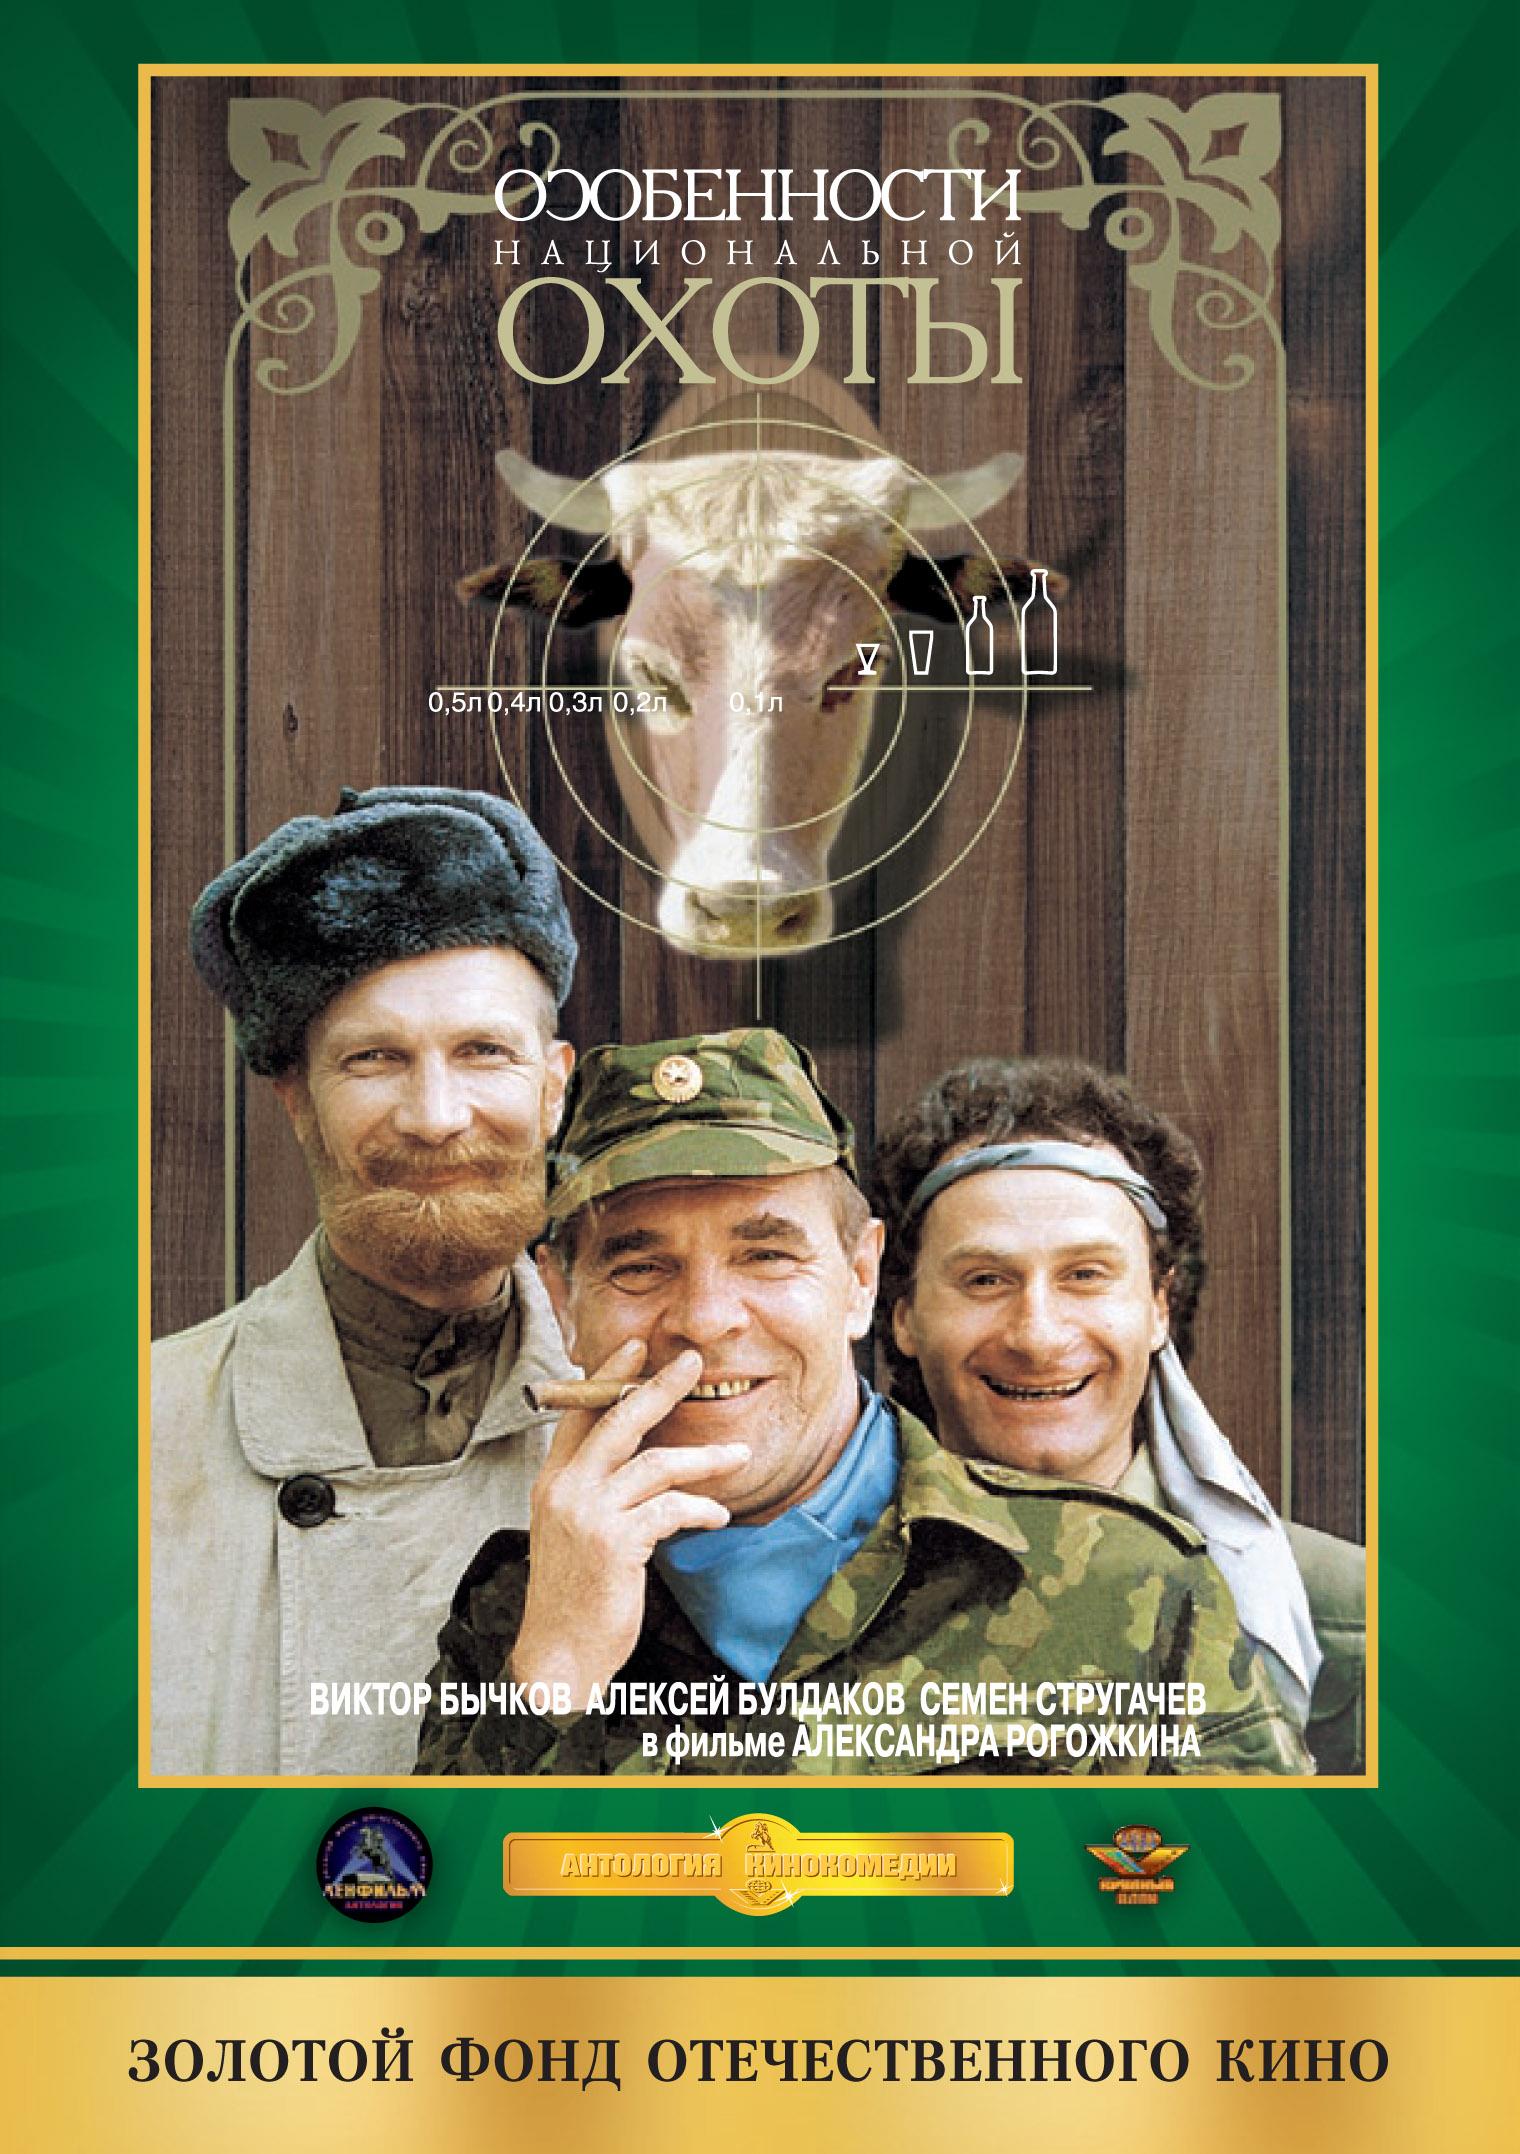 Золотой фонд отечественного кинематографа скачать 6